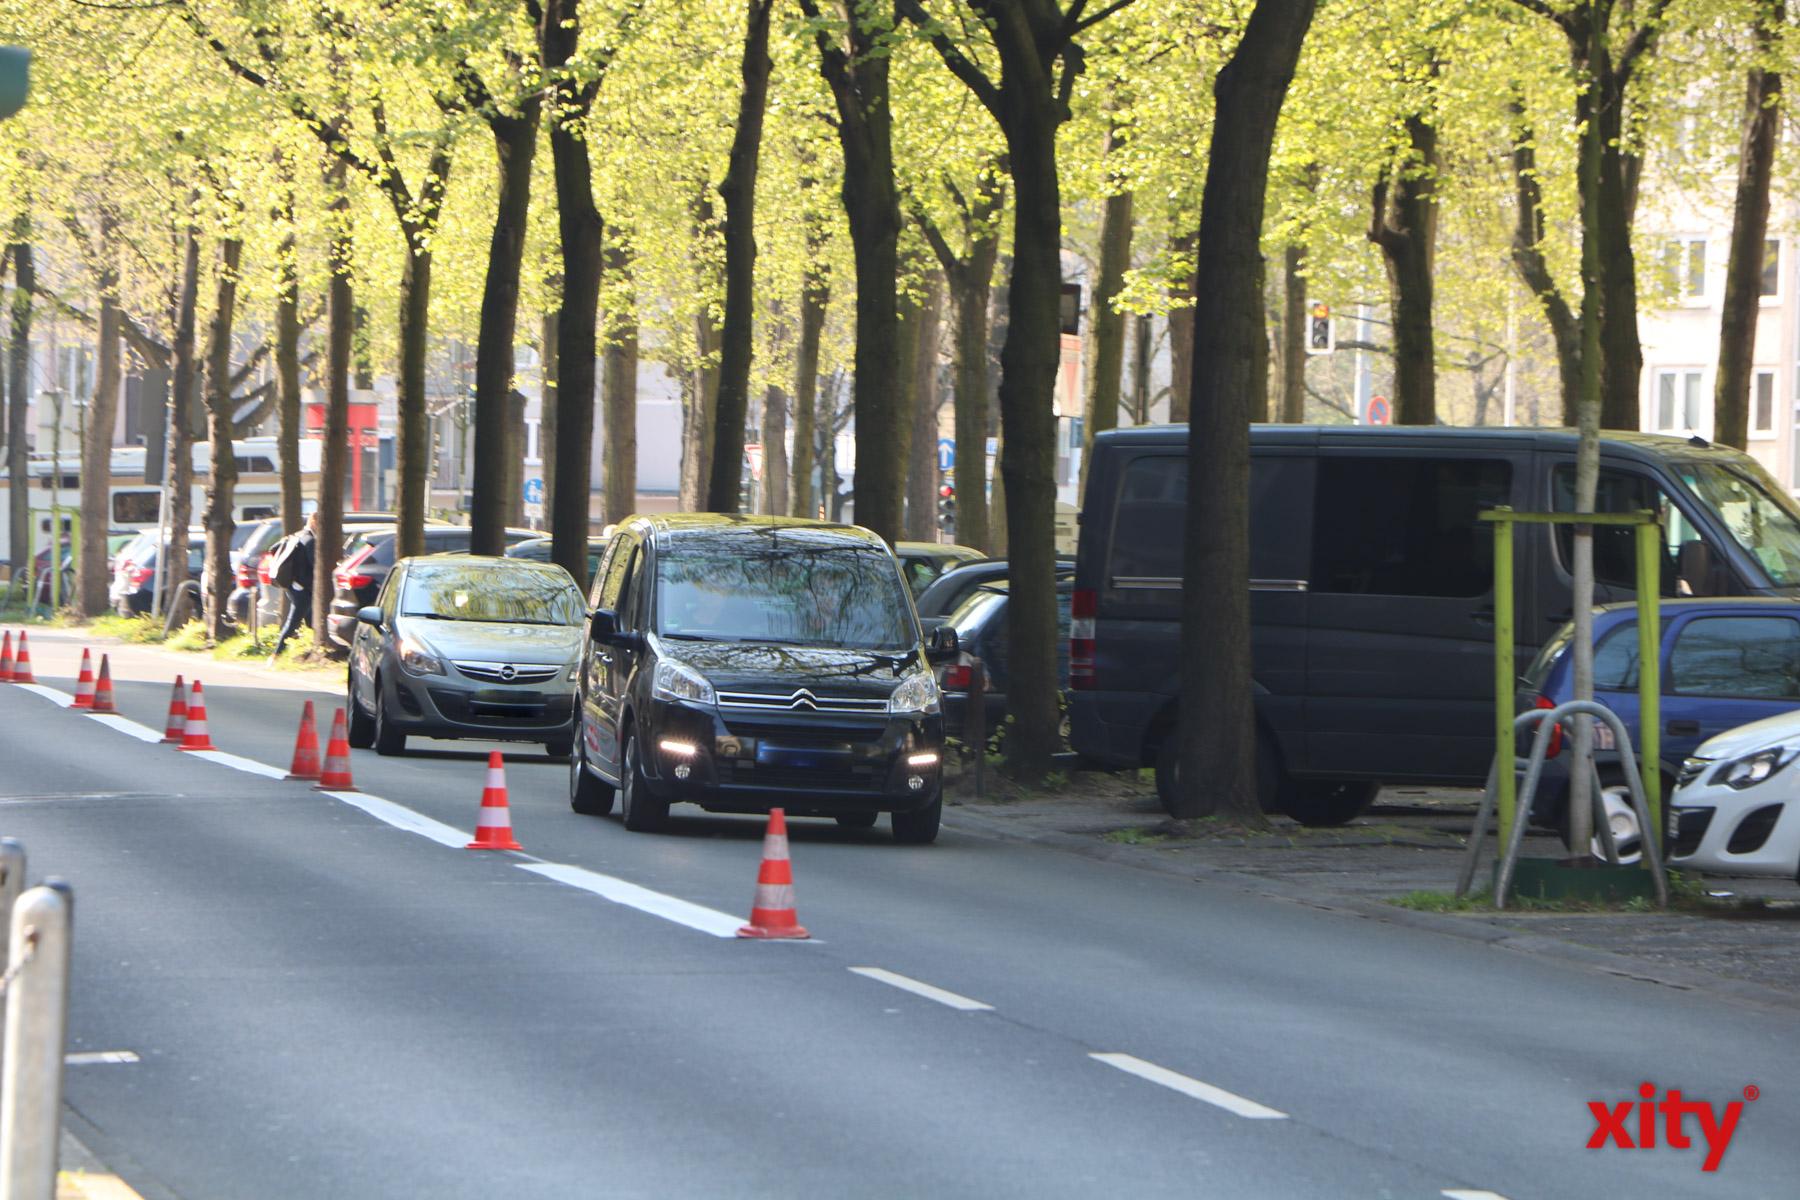 Zunächst werden die im Zuge der Umweltspuren aufgebrachten Fahrbahnmarkierungen auf allen drei Achsen entfernt (Foto: xity)